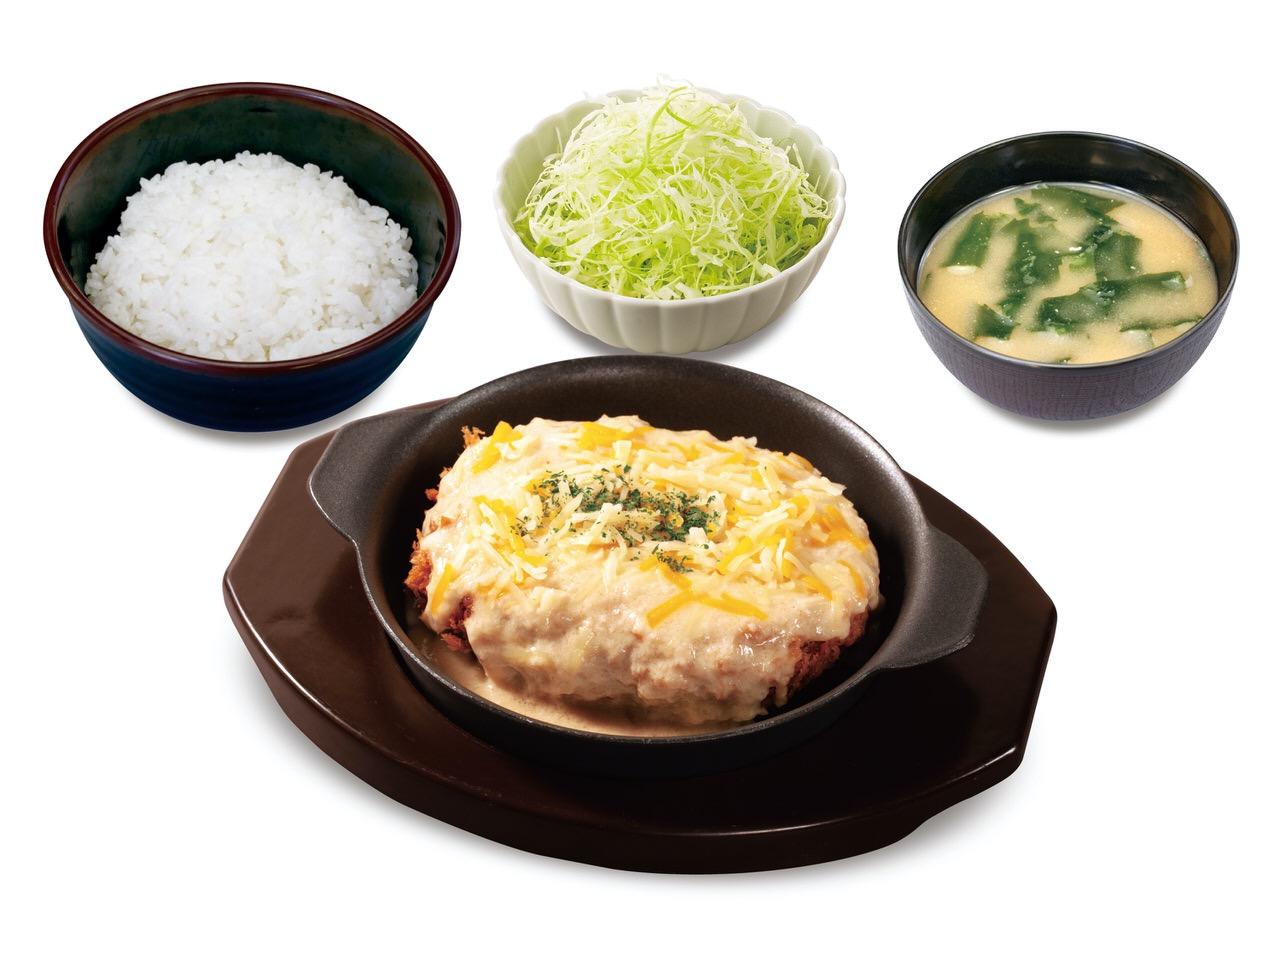 【松のや】シュクメルリソースで食べるハンバーグ「ごちそうハンバーグホワイトガーリックソース定食」発売へ